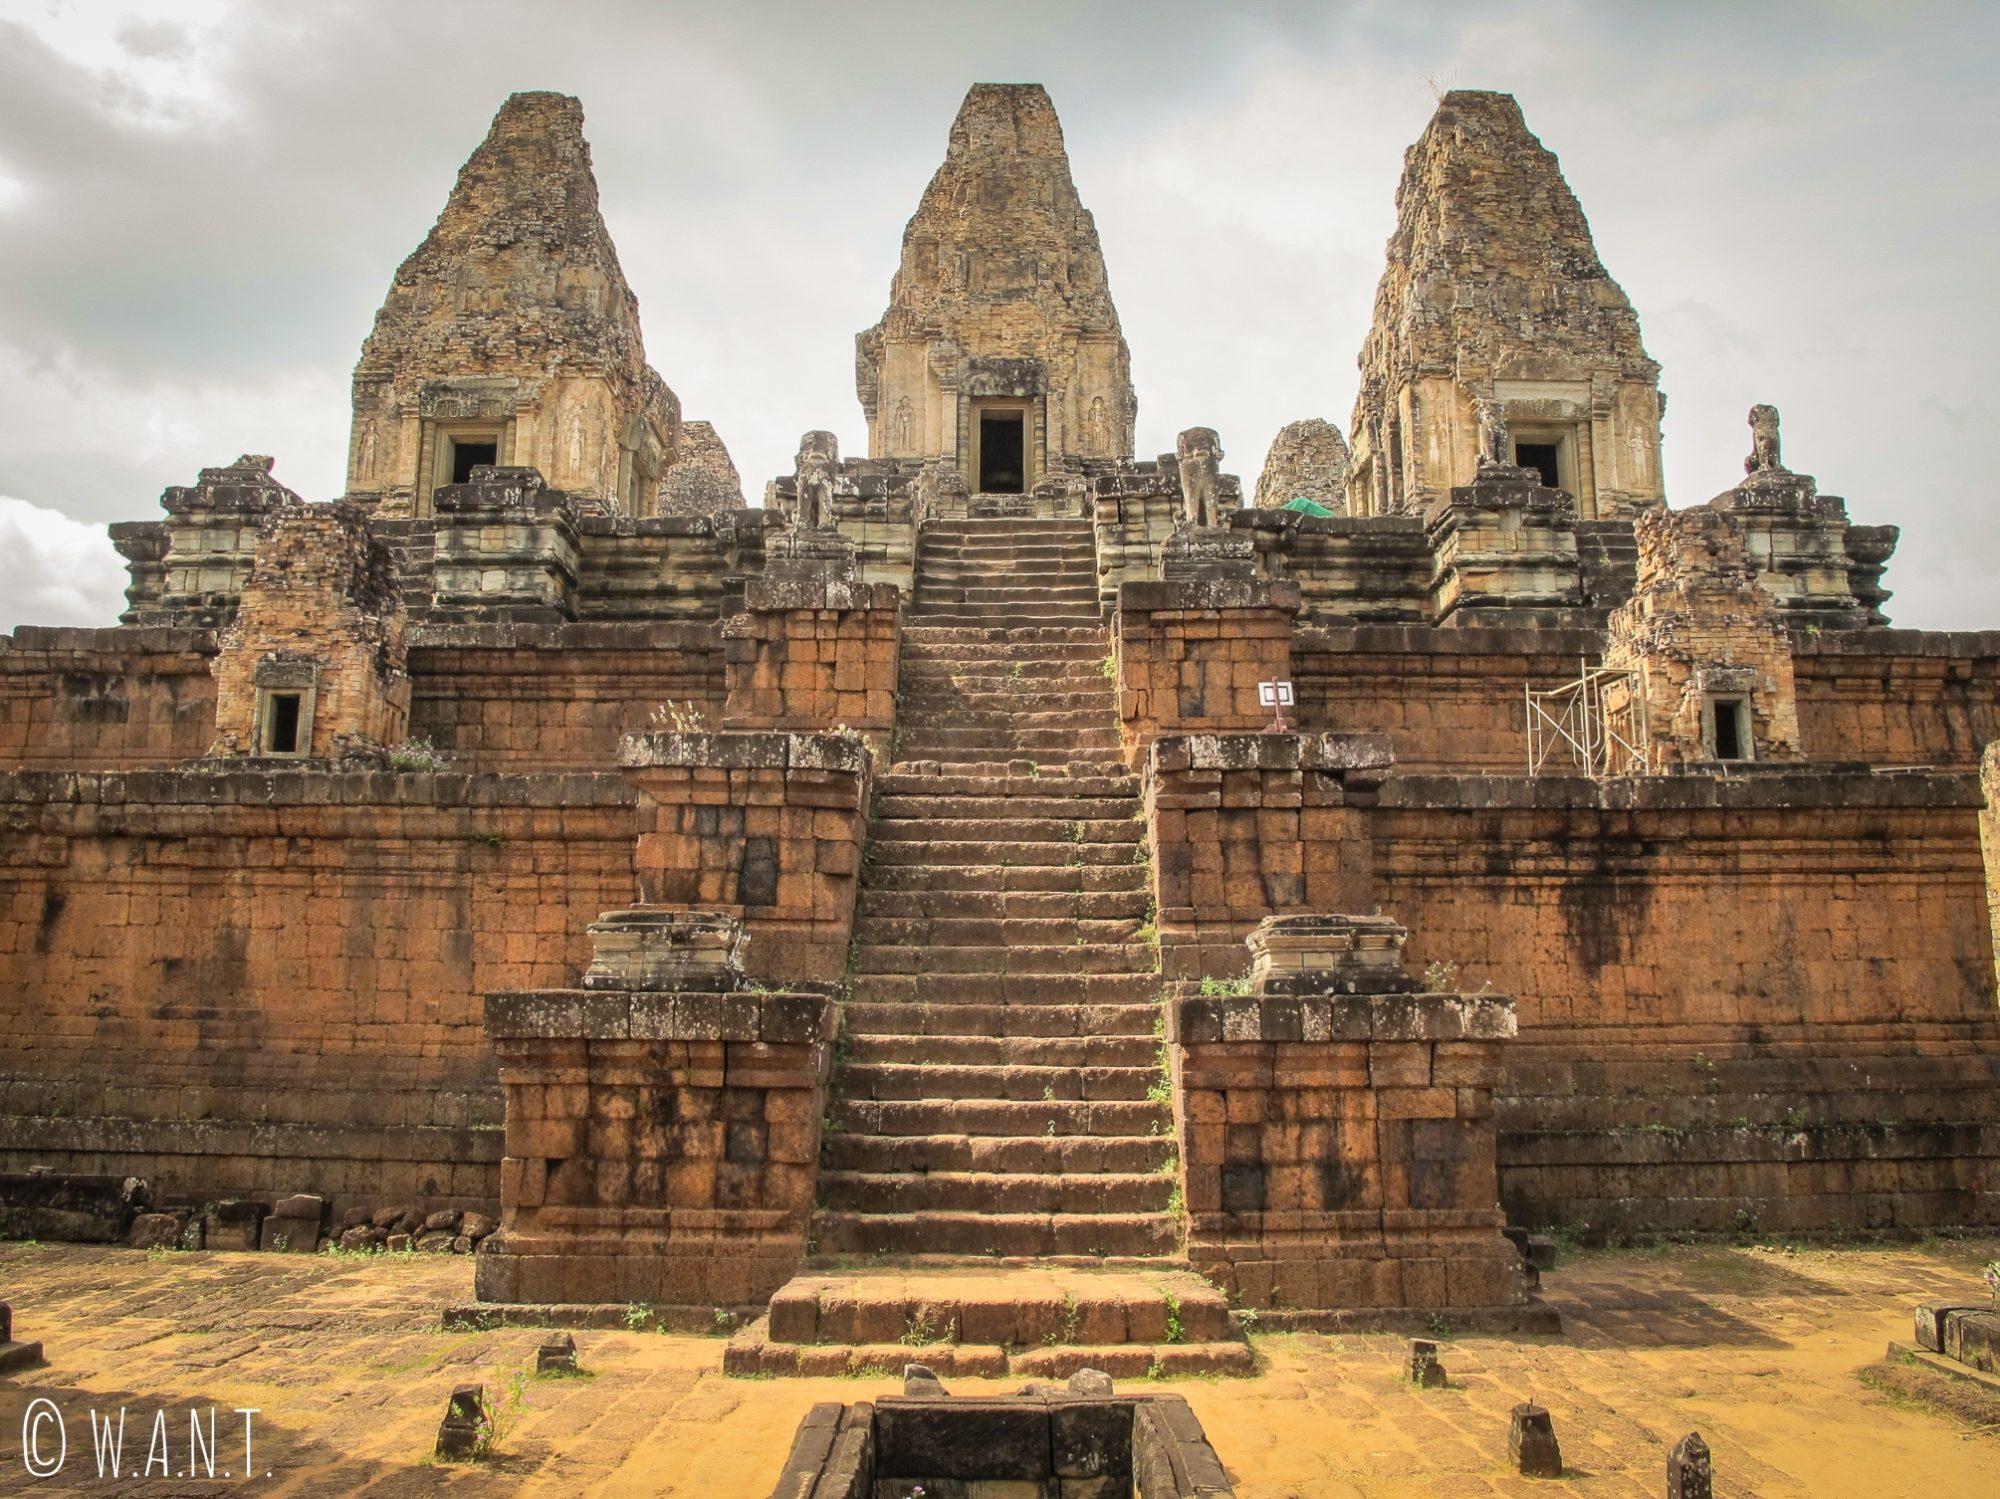 Temple Pre Rup sur le site archéologique d'Angkor